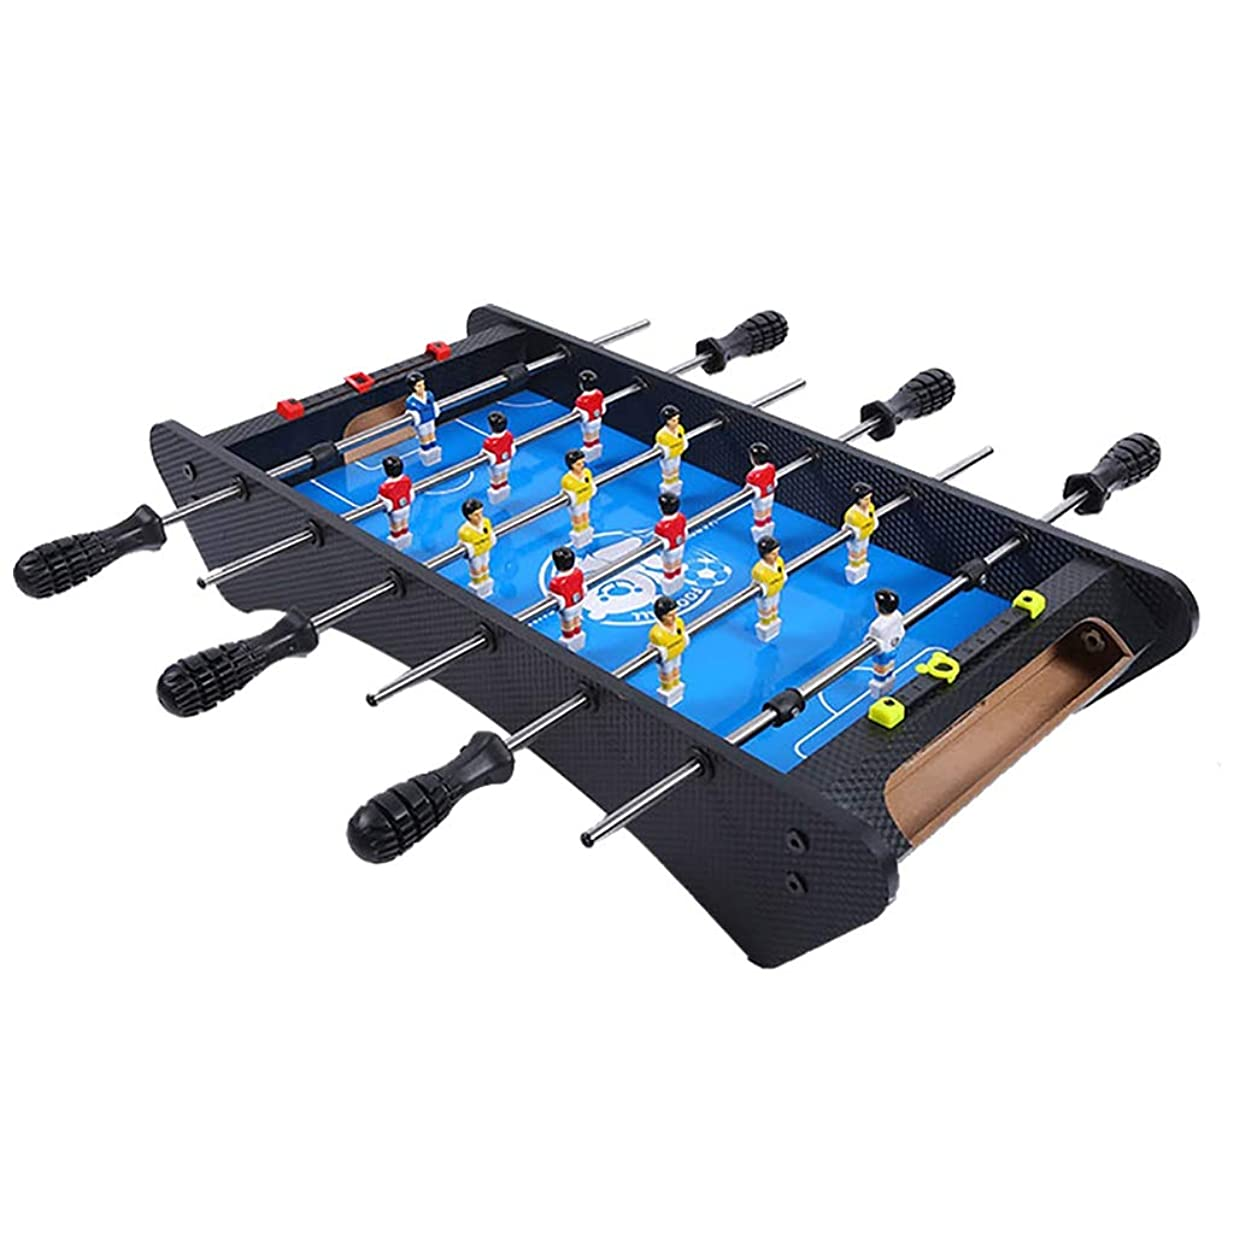 司令官こねる城テーブルサッカープールテーブルゲームテーブルパズルゲーム脳ゲーム子供のおもちゃ無毒なおもちゃ4歳以上の子供用ギフト (Color : 59*28*11.5CM, Size : BLUE)